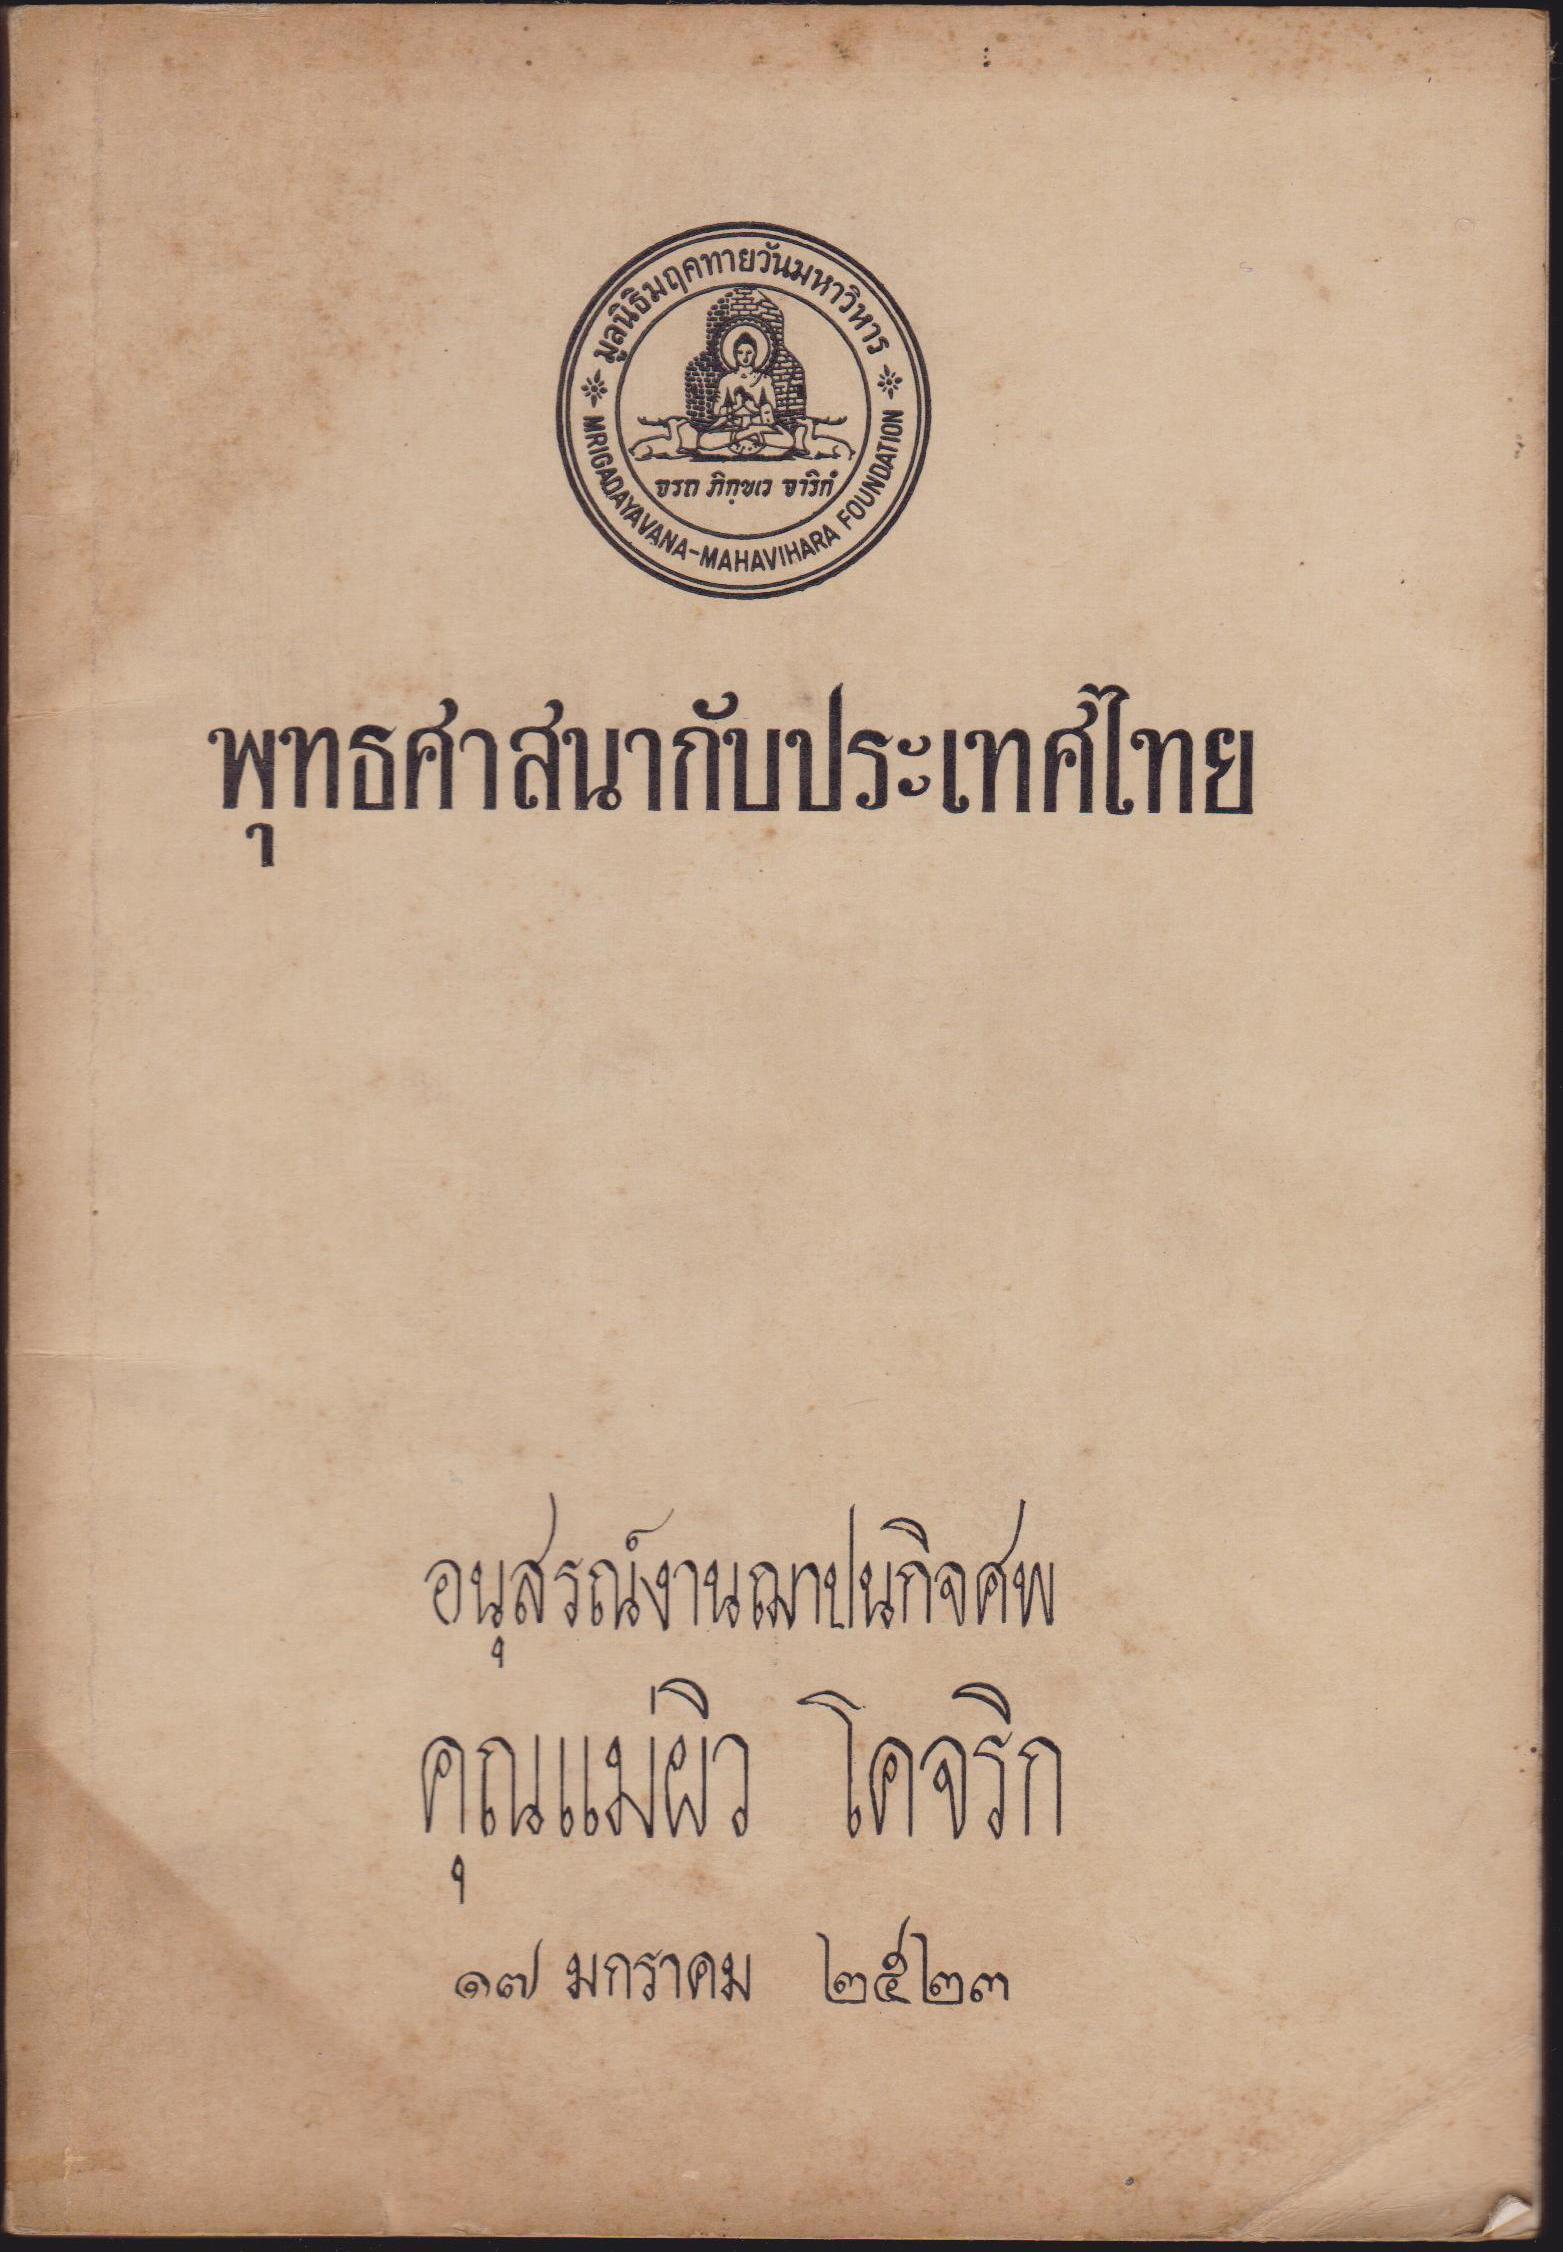 พุทธศาสนากับประเทศไทย